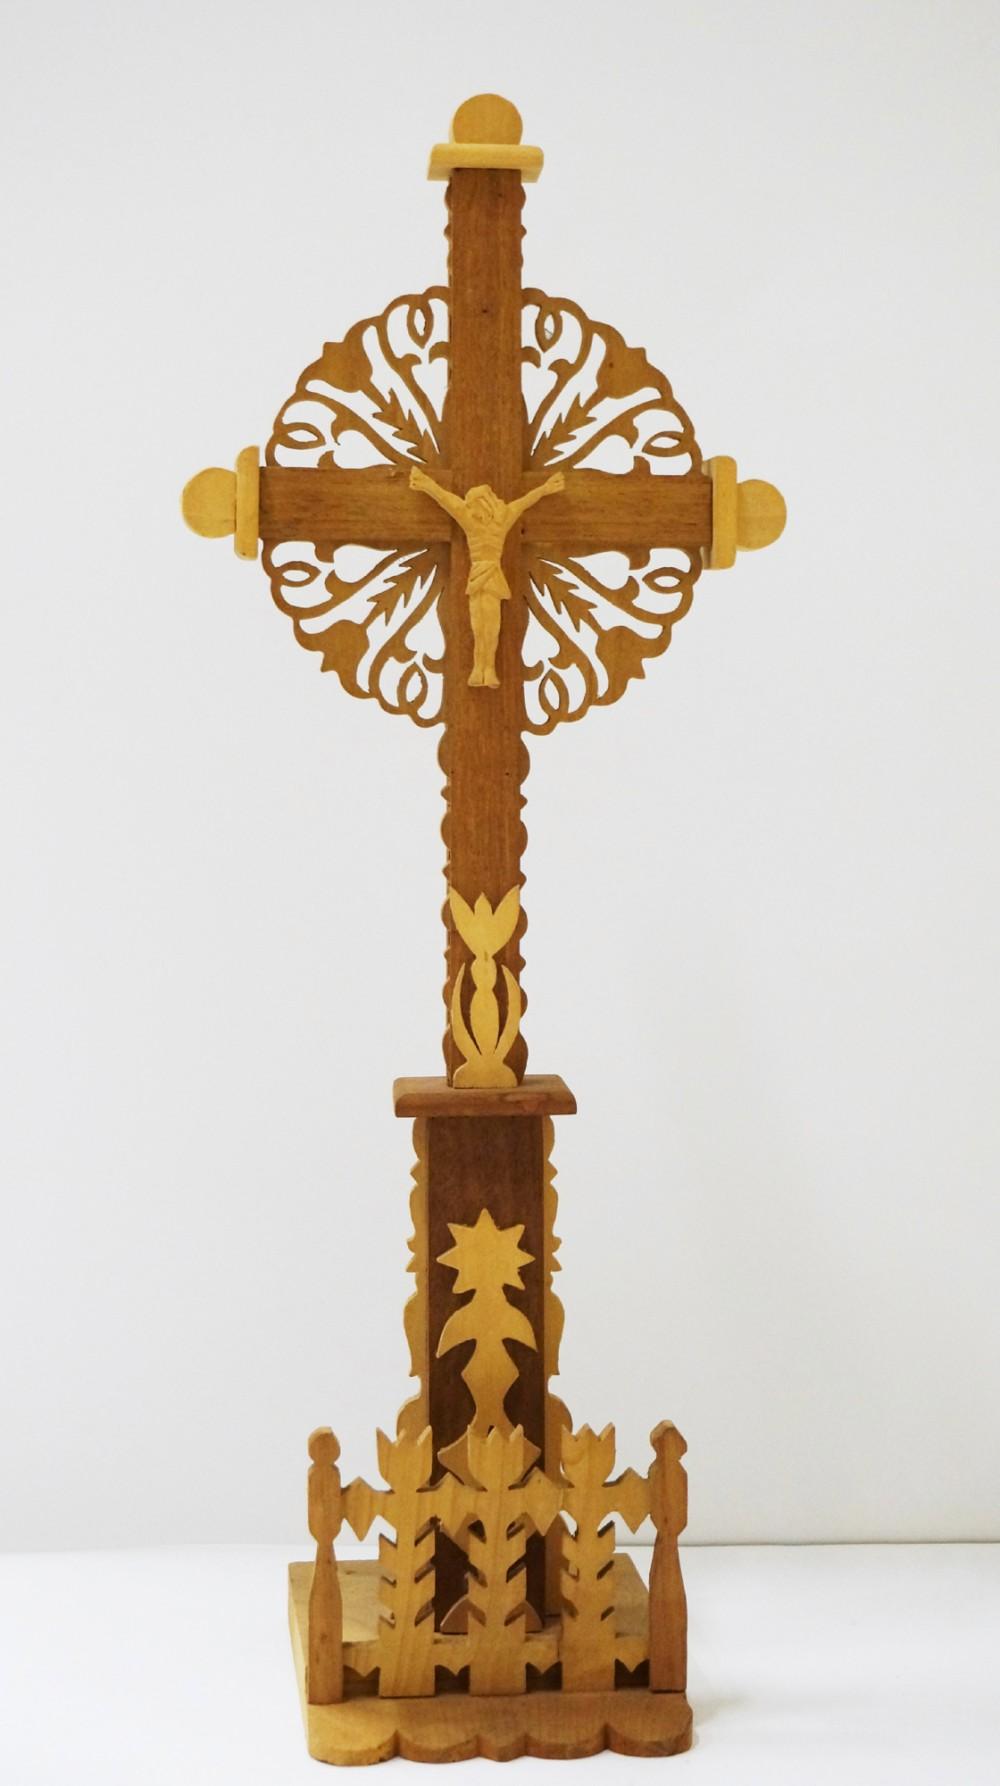 Pastatomas kryžius su tvorele. Autorius nežinomas. (Medis, drožyba)